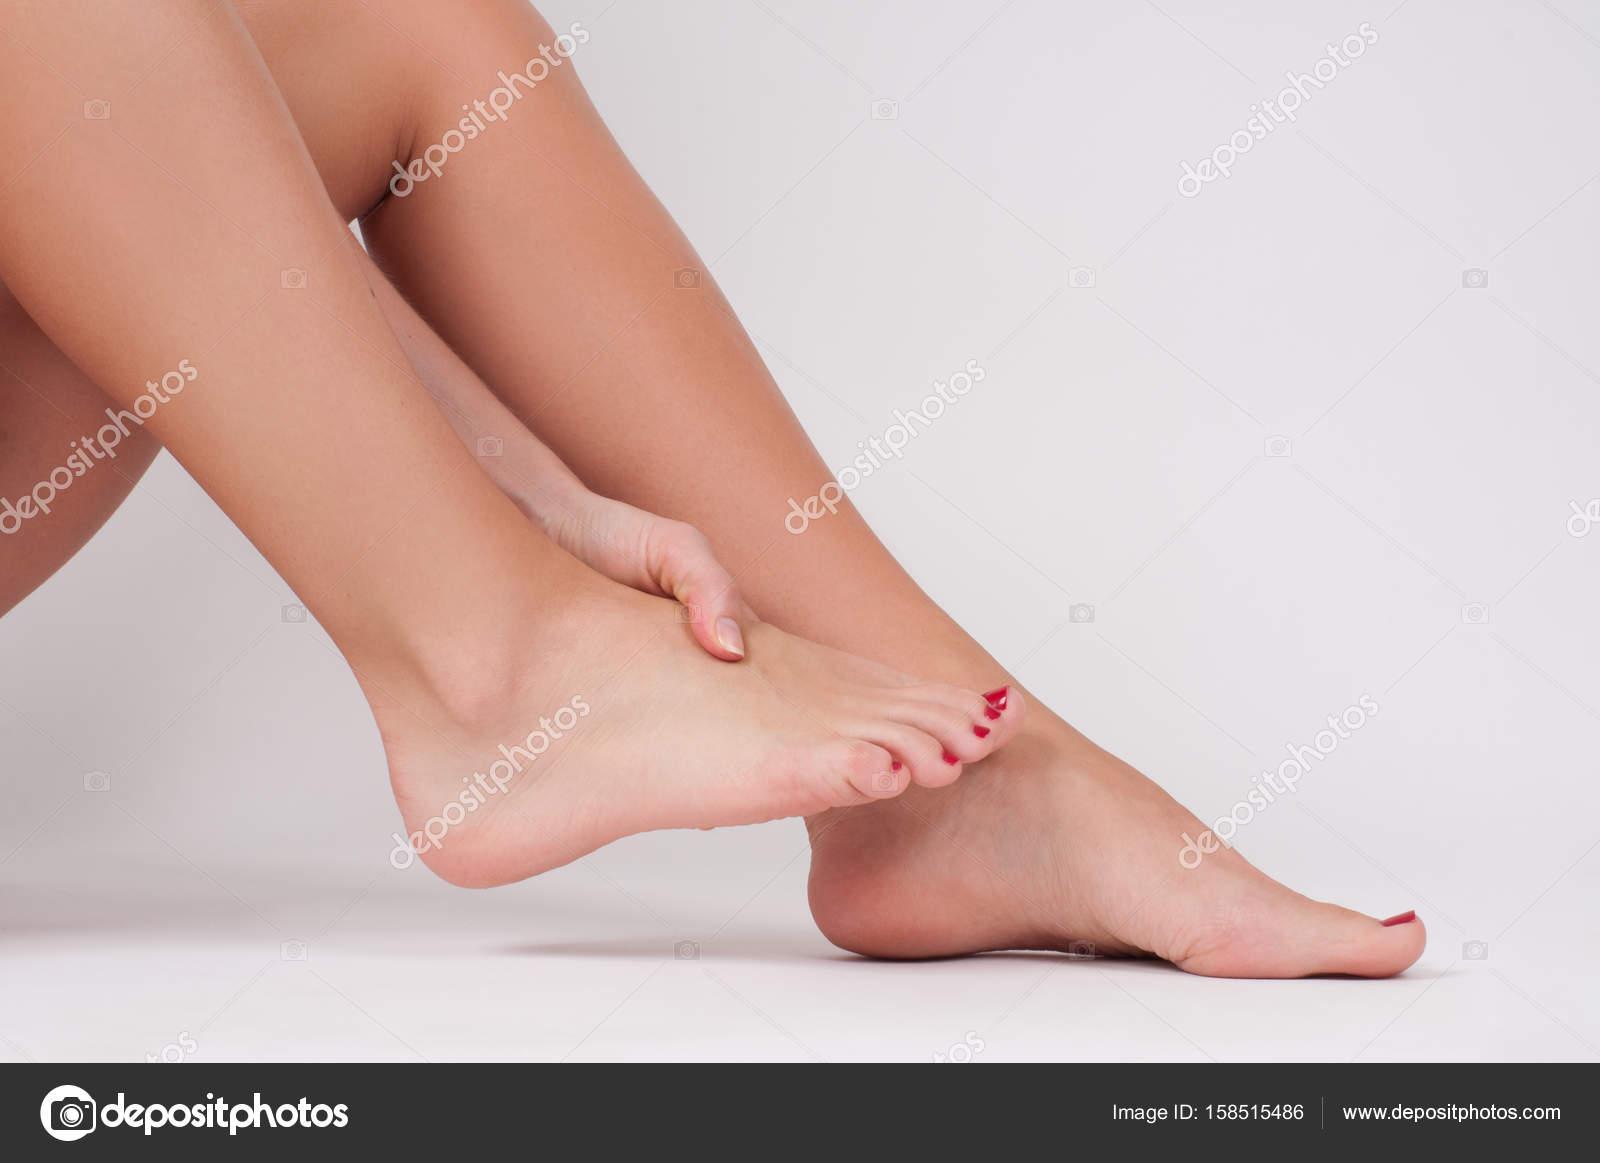 la cavigliaPiedini femminiliDonna alla massaggia Dolore che erEdBQWCxo